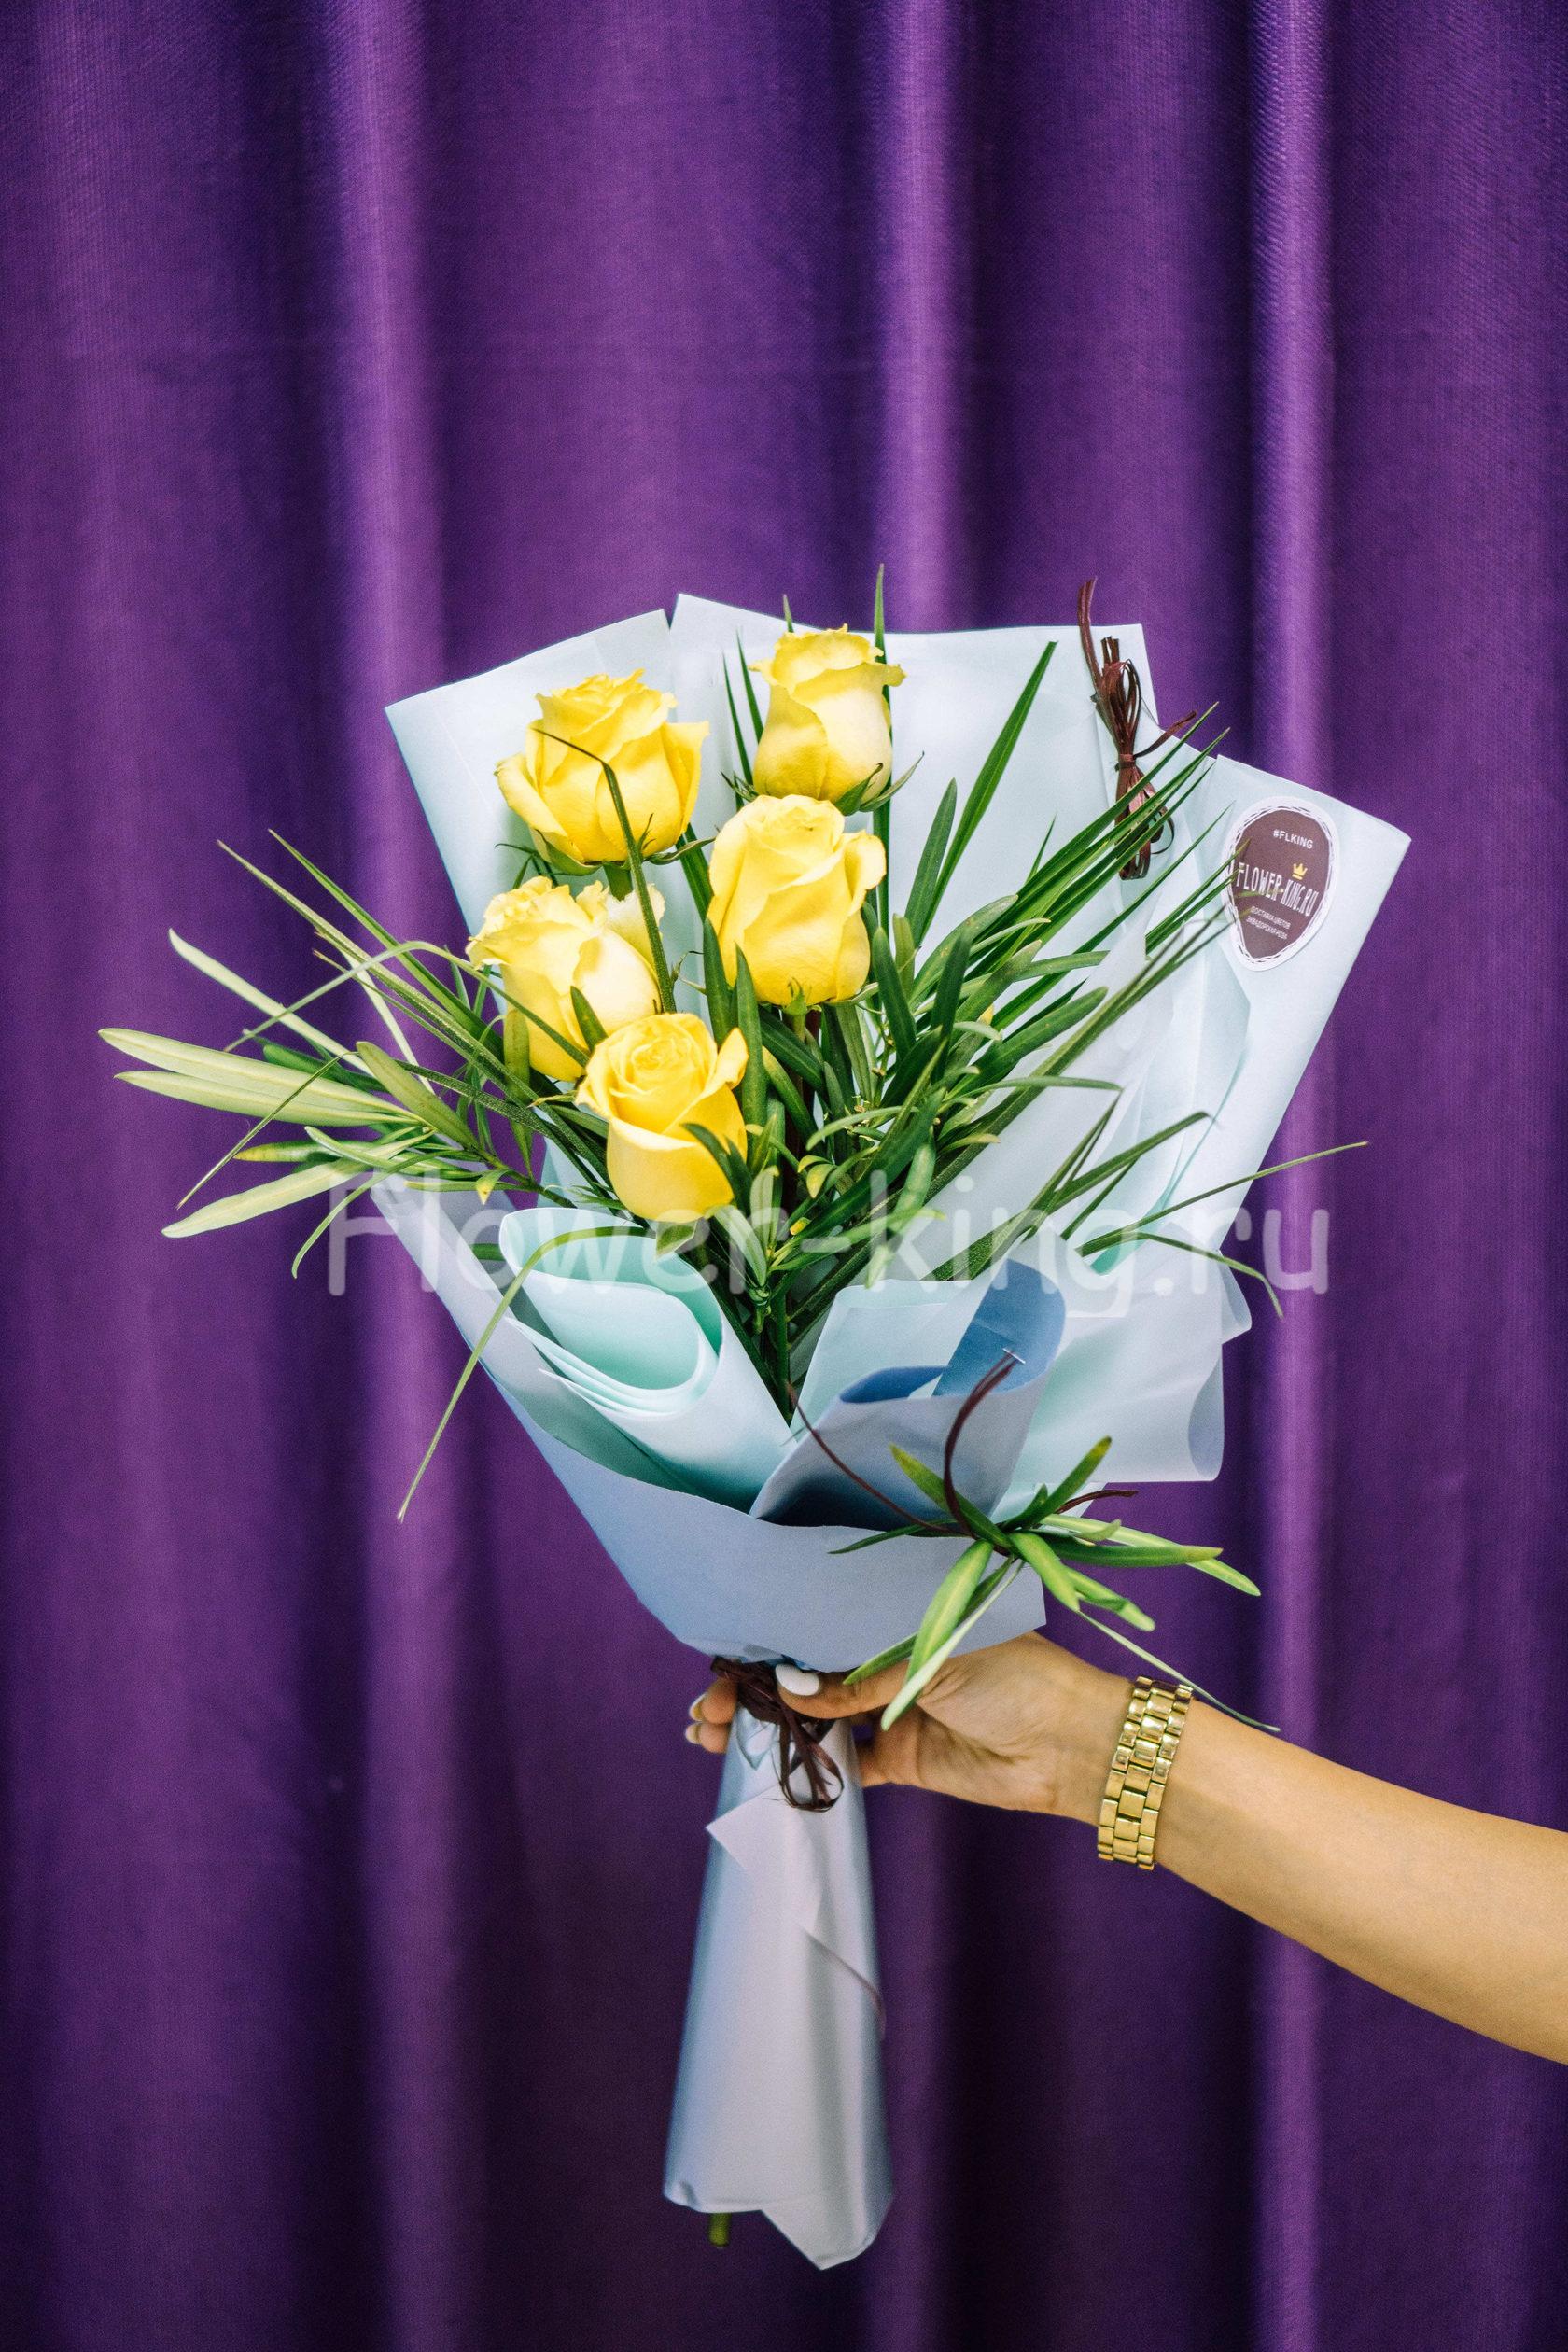 Роз, доставка цветов калуга 1000 недорого